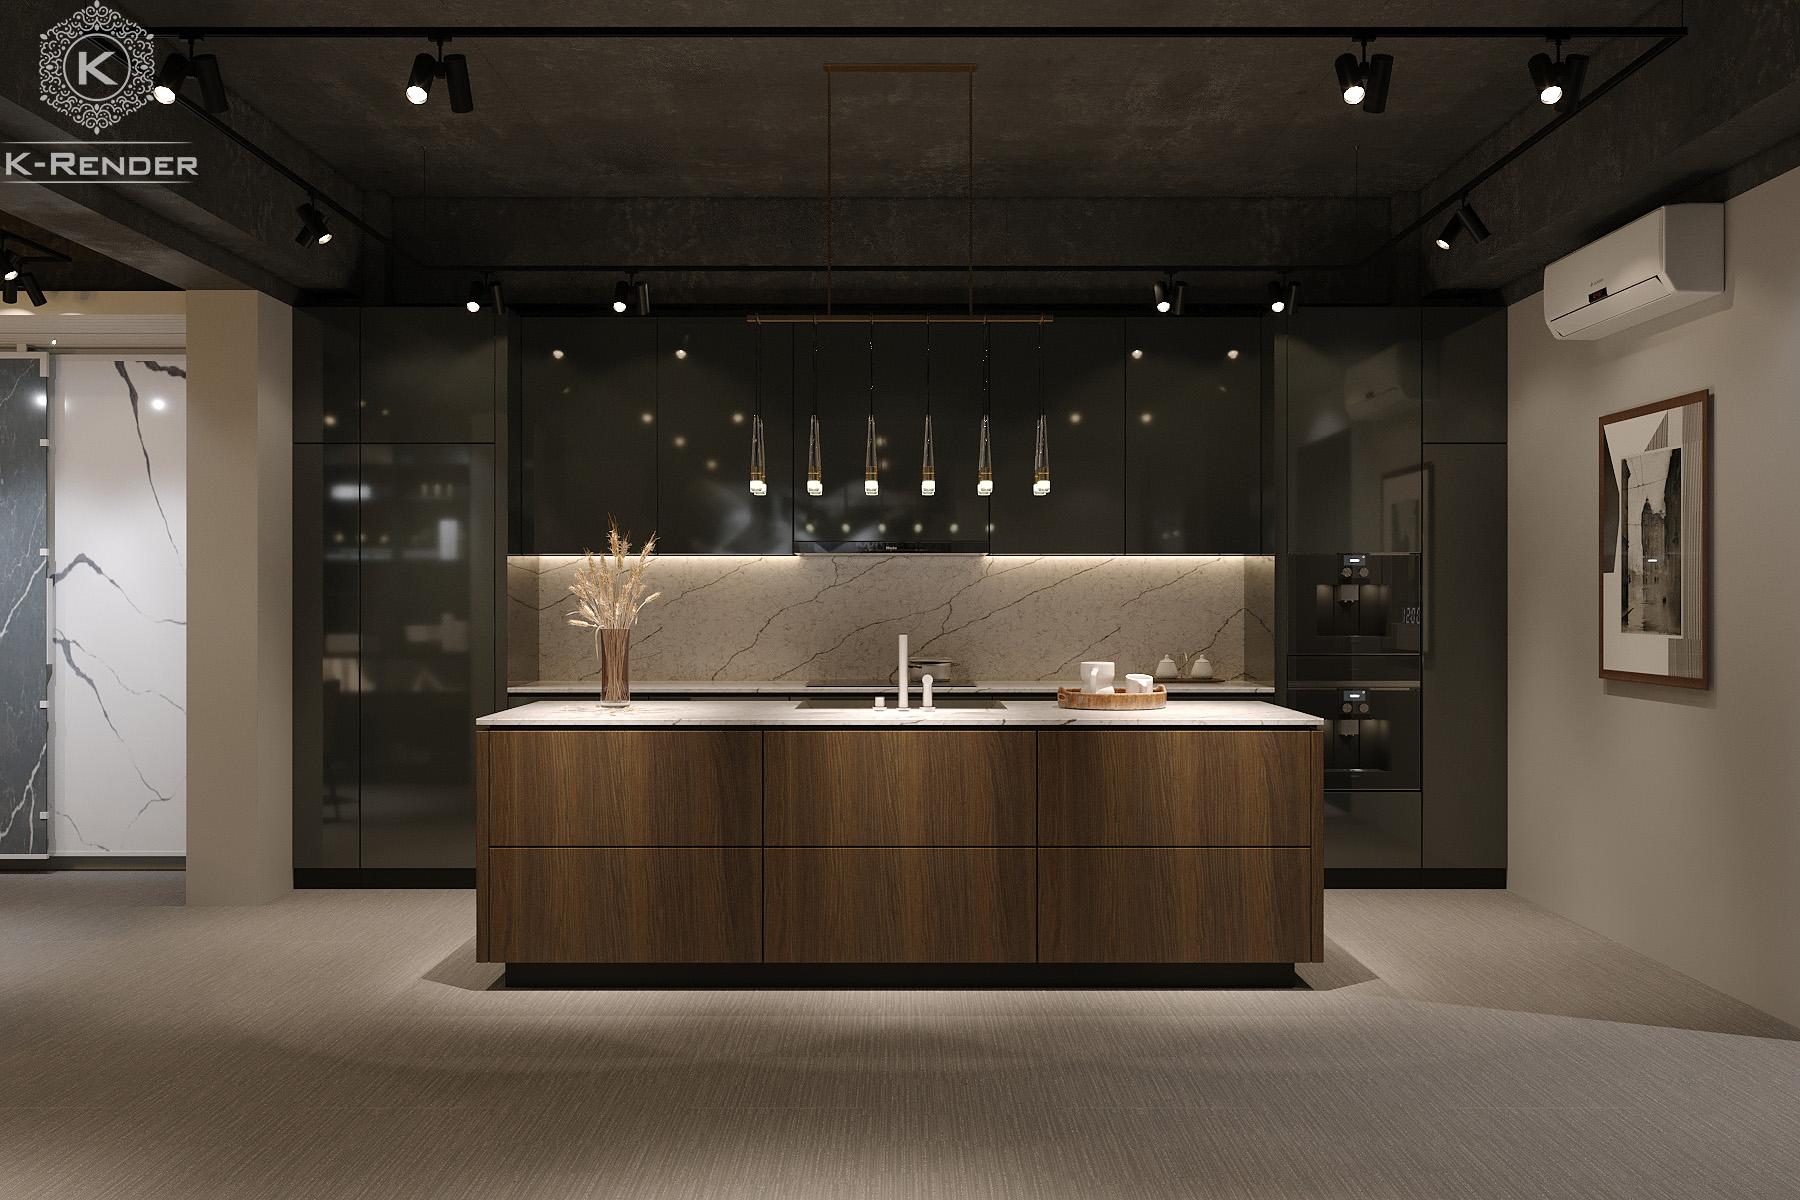 the-new-kenli-showroom-project-by-k-render-studio-6